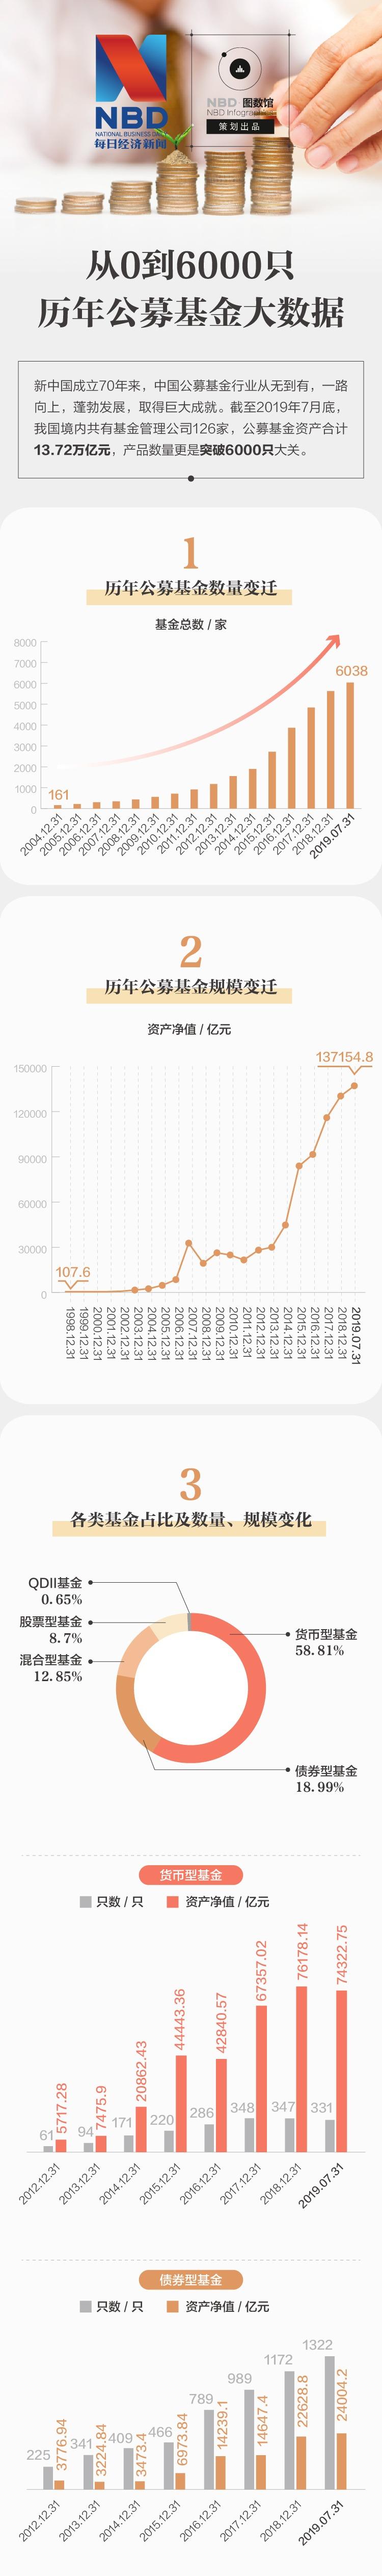 壮丽70年!6000只+13.72万亿:一图看尽公募基金大数据